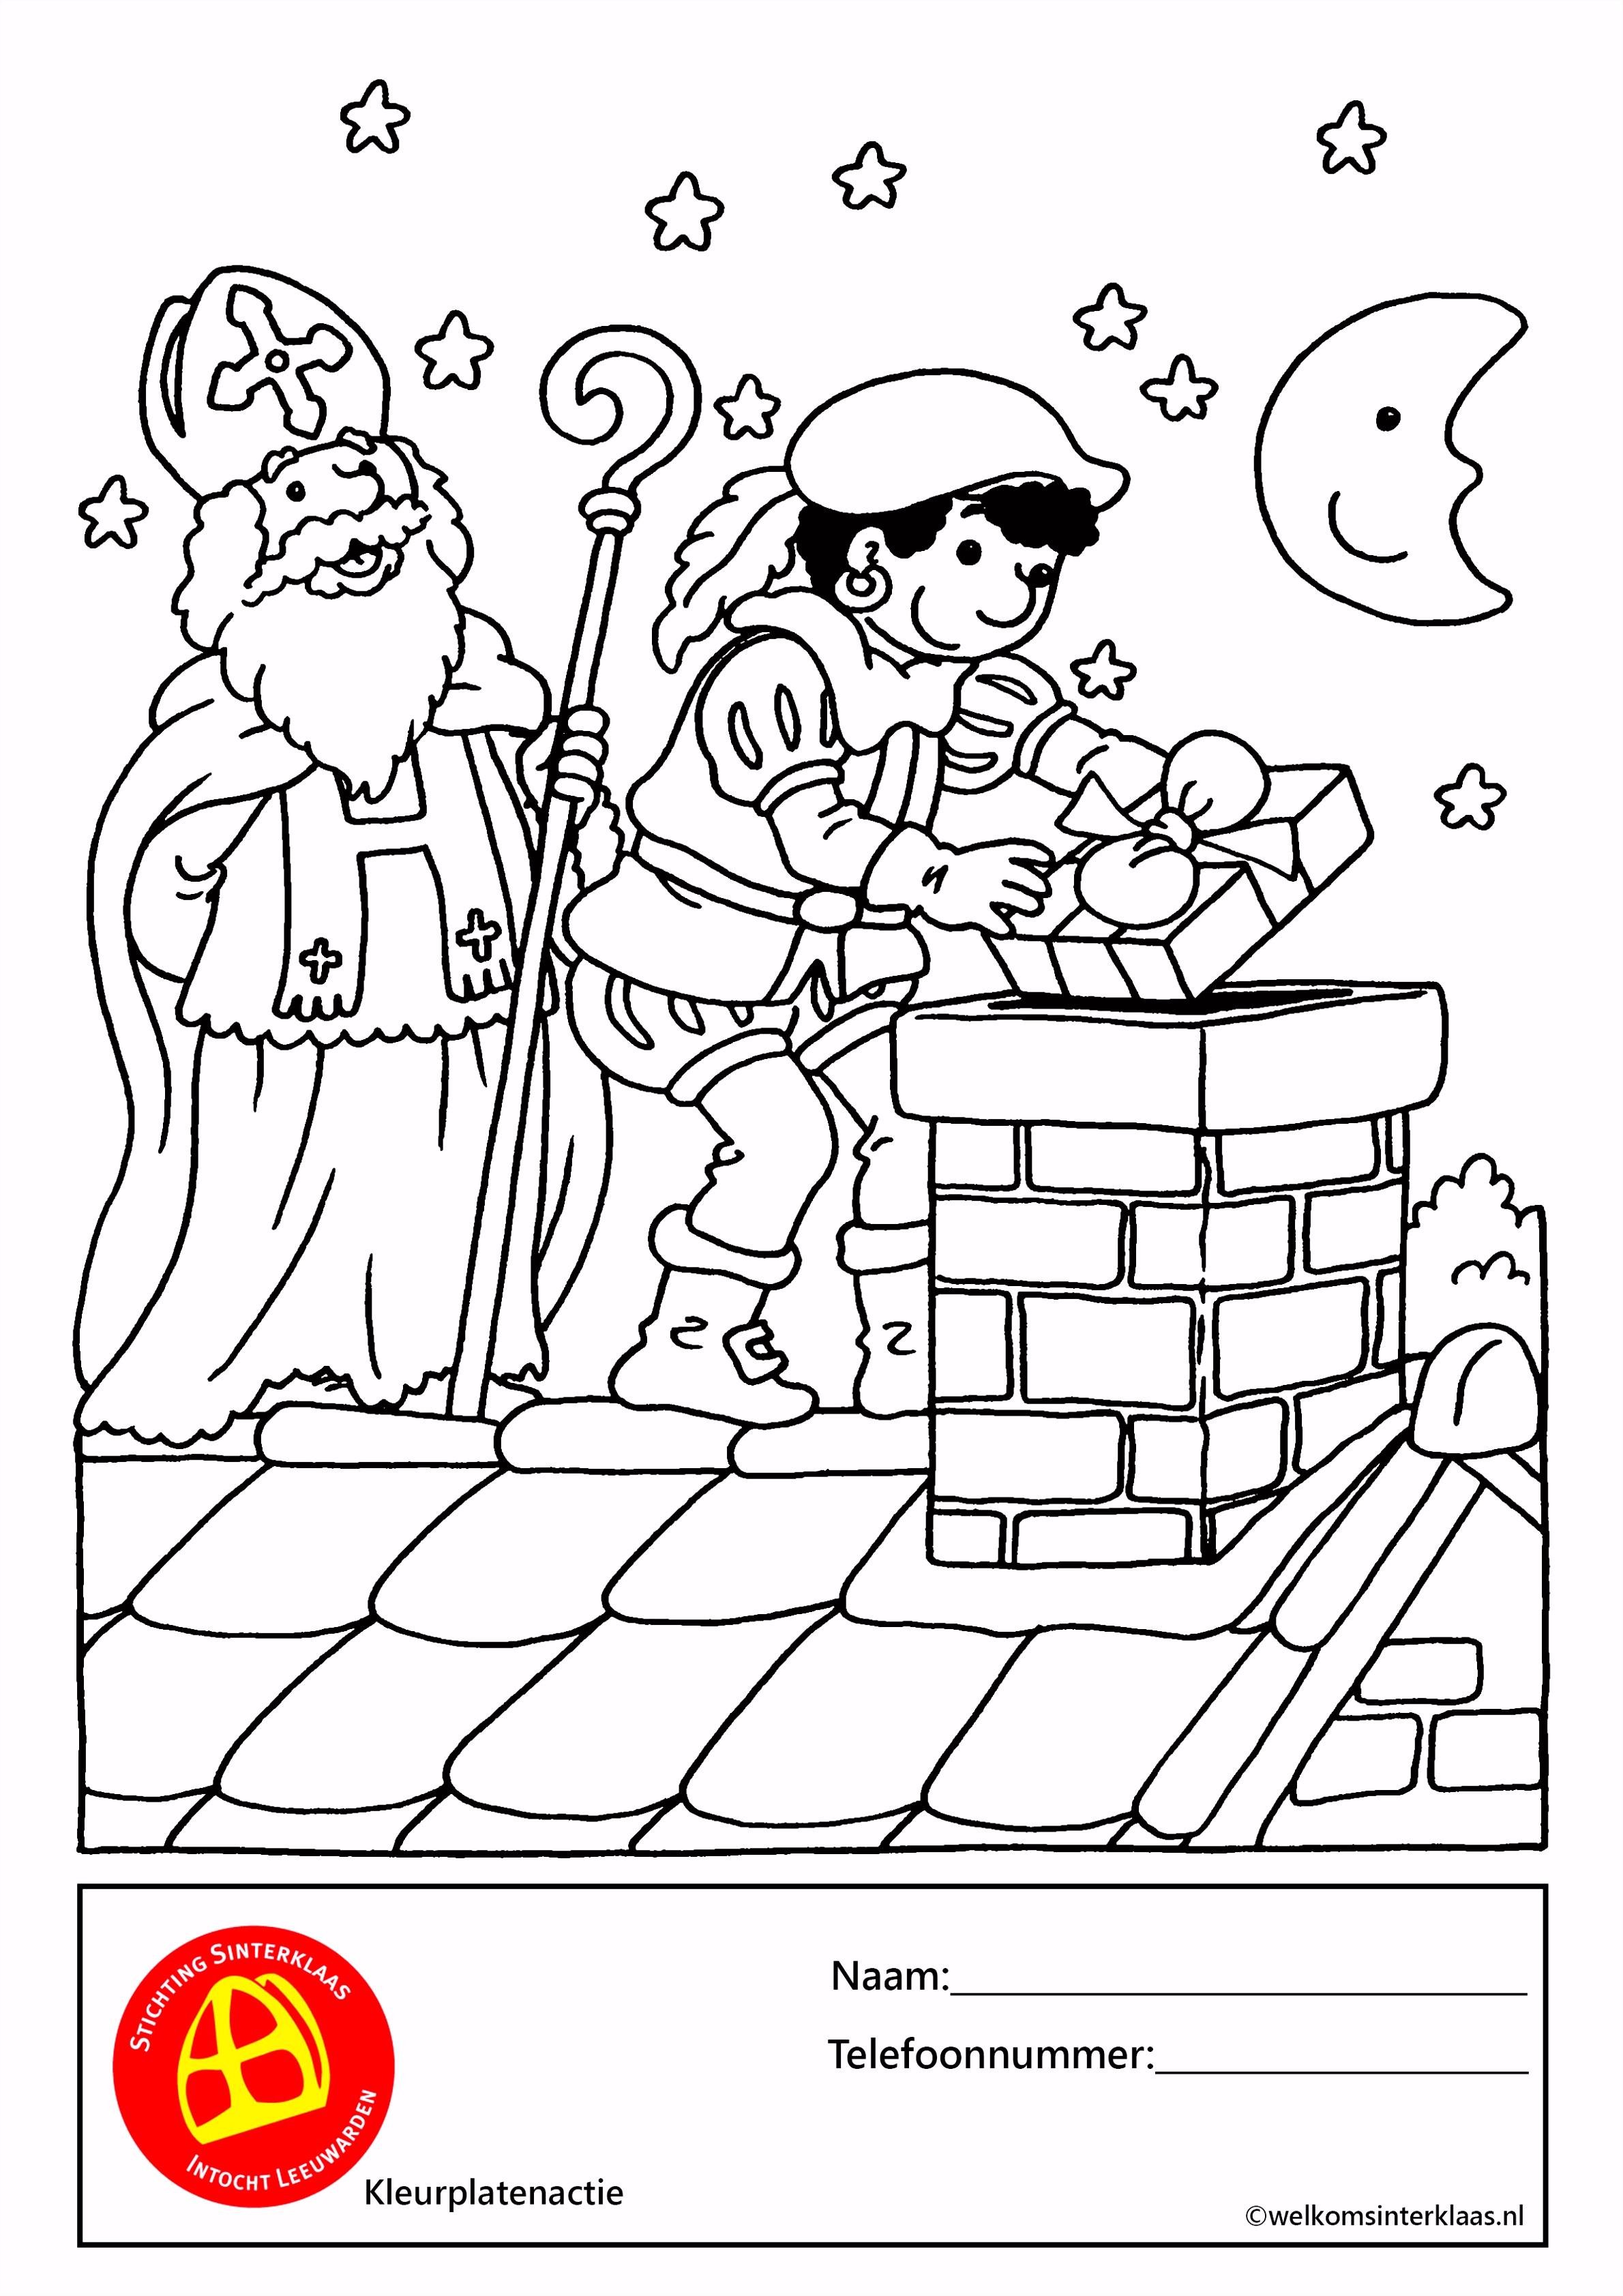 Kleurplaten voor Sint Sinterklaas Leeuwarden